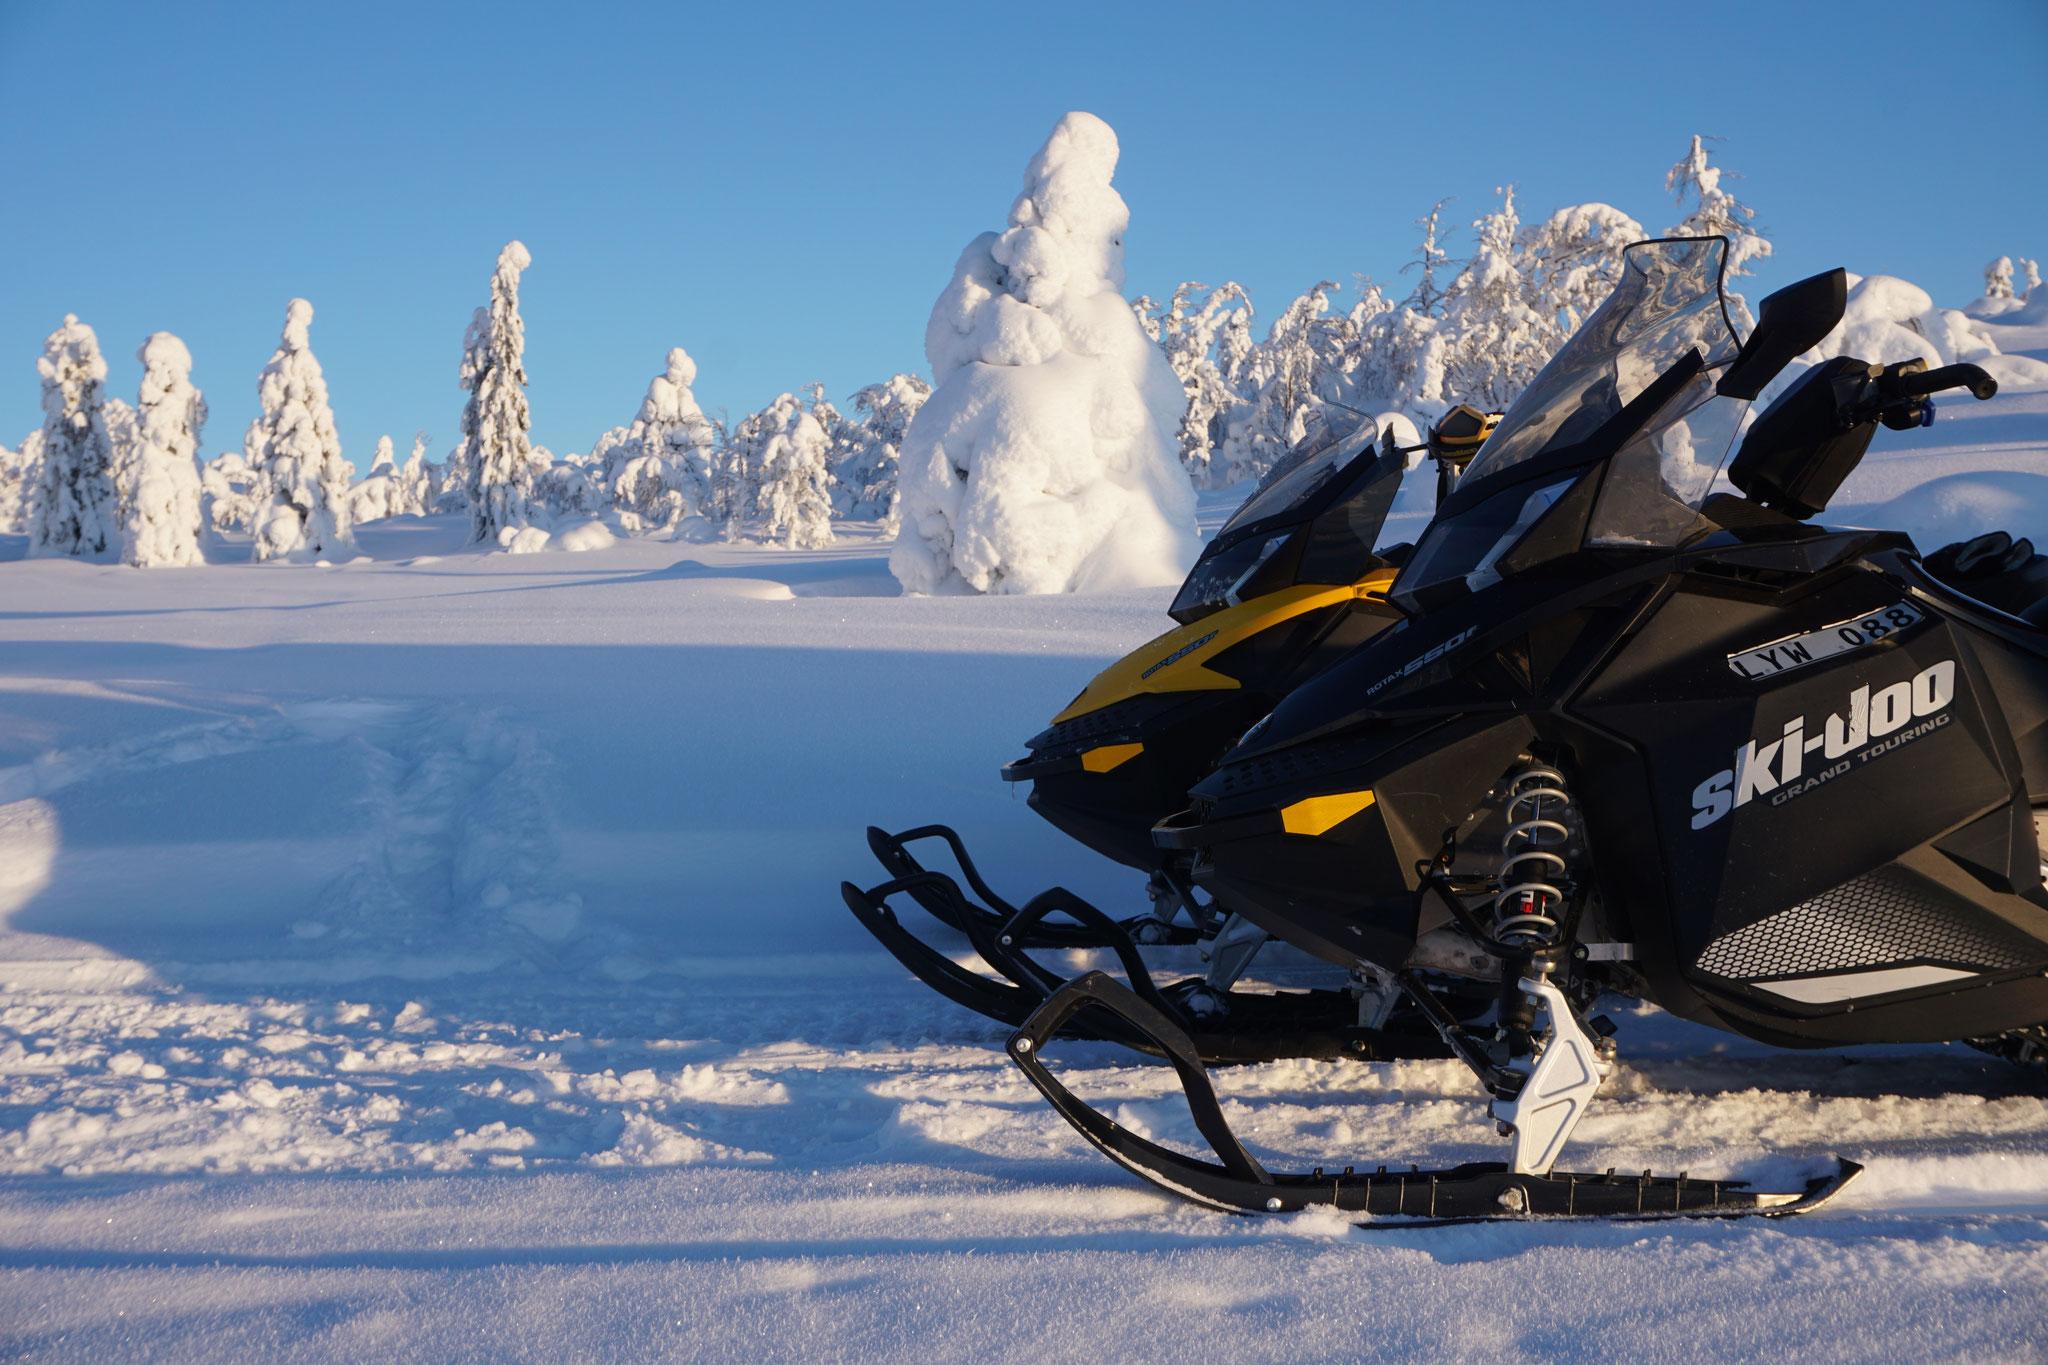 Mit dem Schneemobil im Winter Wonderland